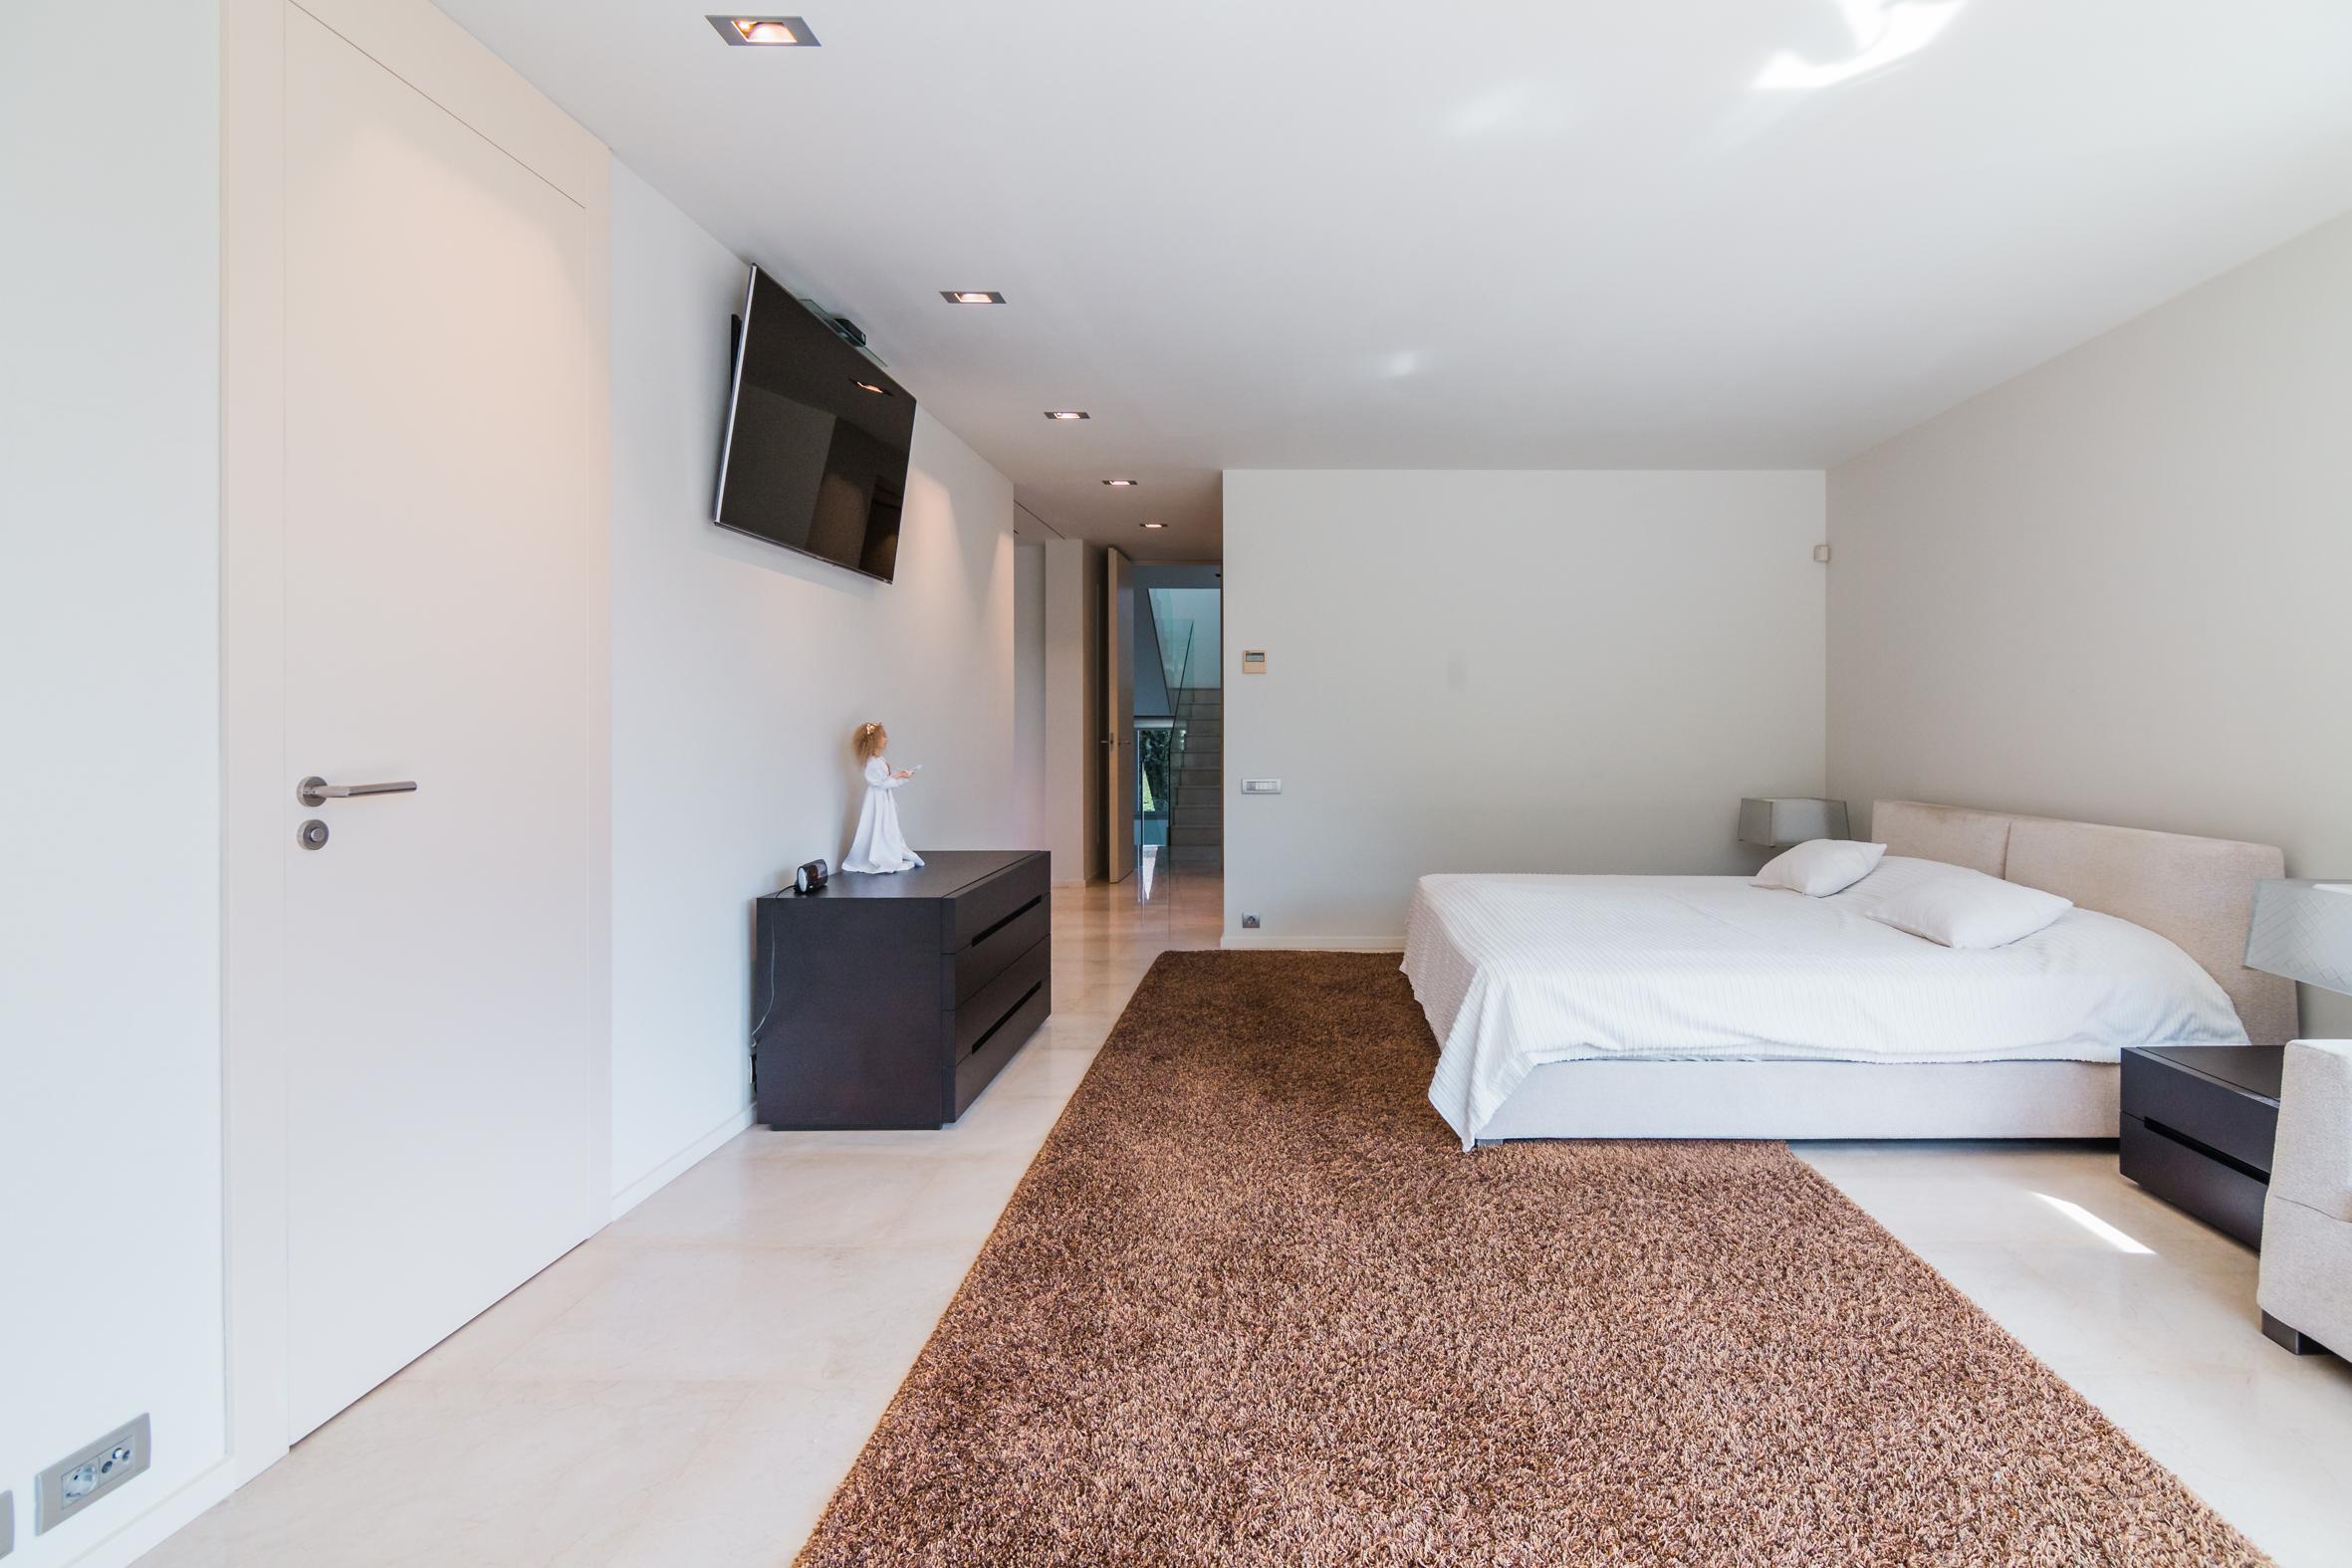 204447 Casa en venda en Les Corts, Pedralbes 3